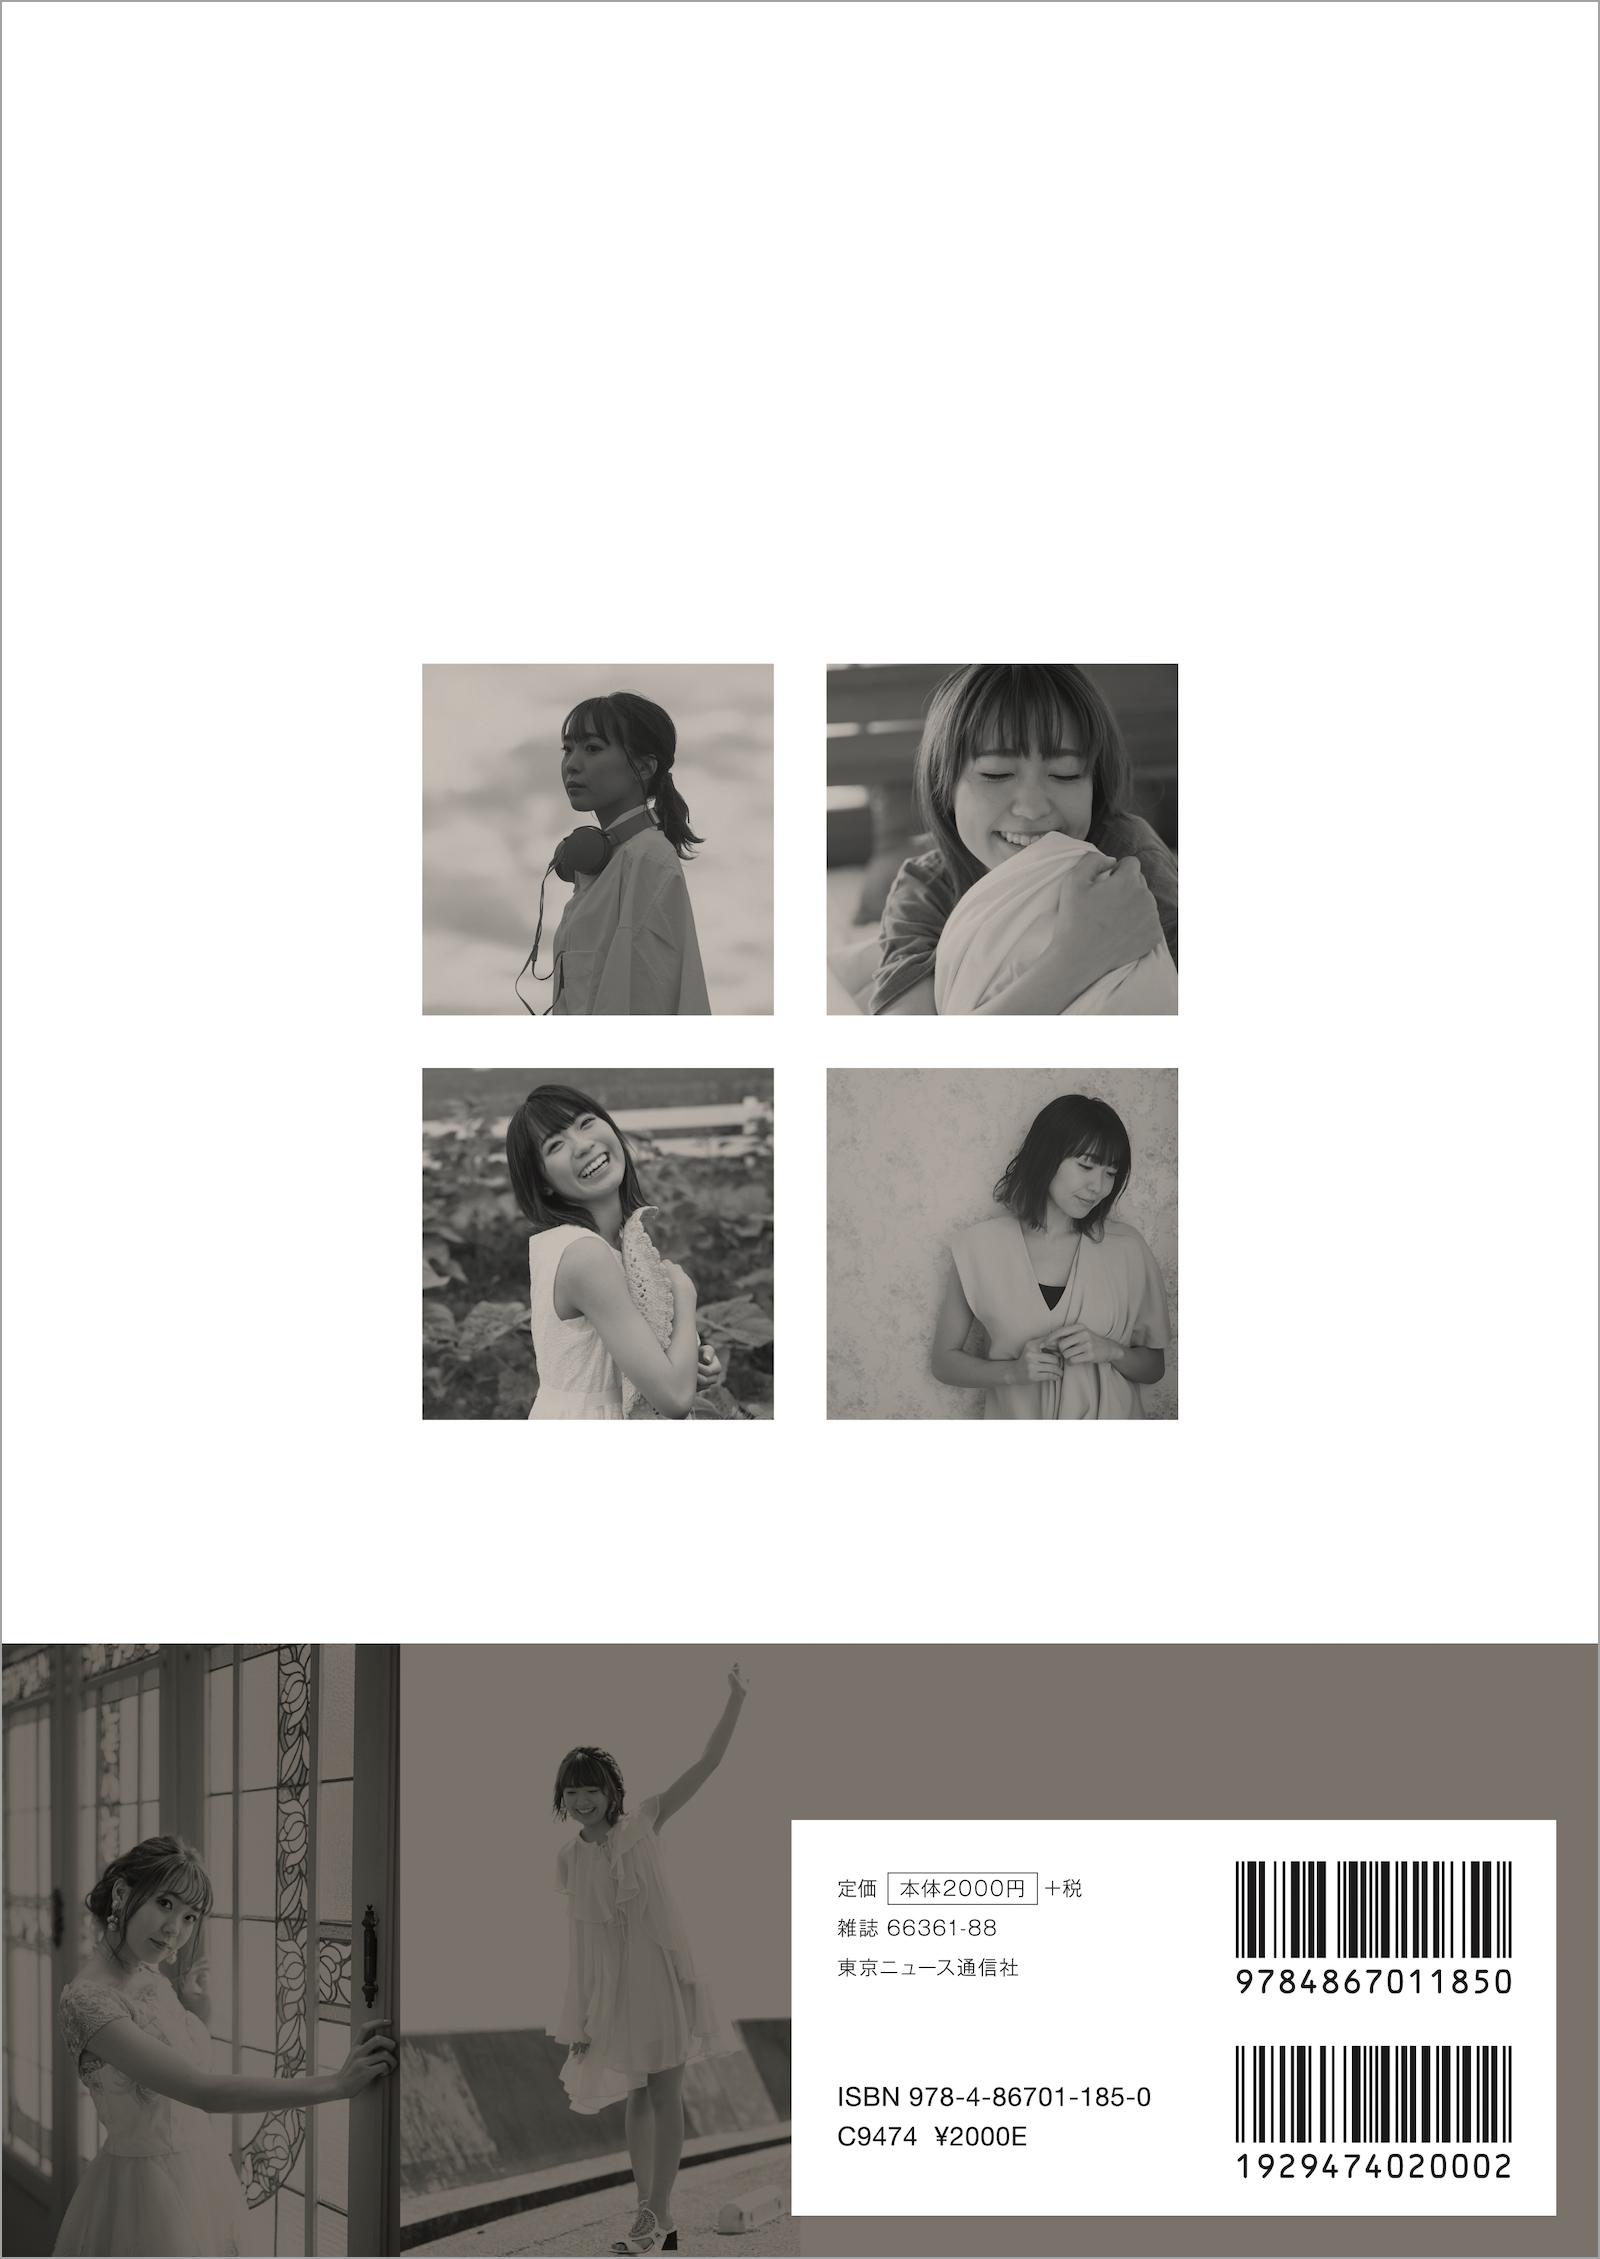 斉藤朱夏1st PHOTO BOOK「しゅかすがた」(東京ニュース通信社刊)裏表紙